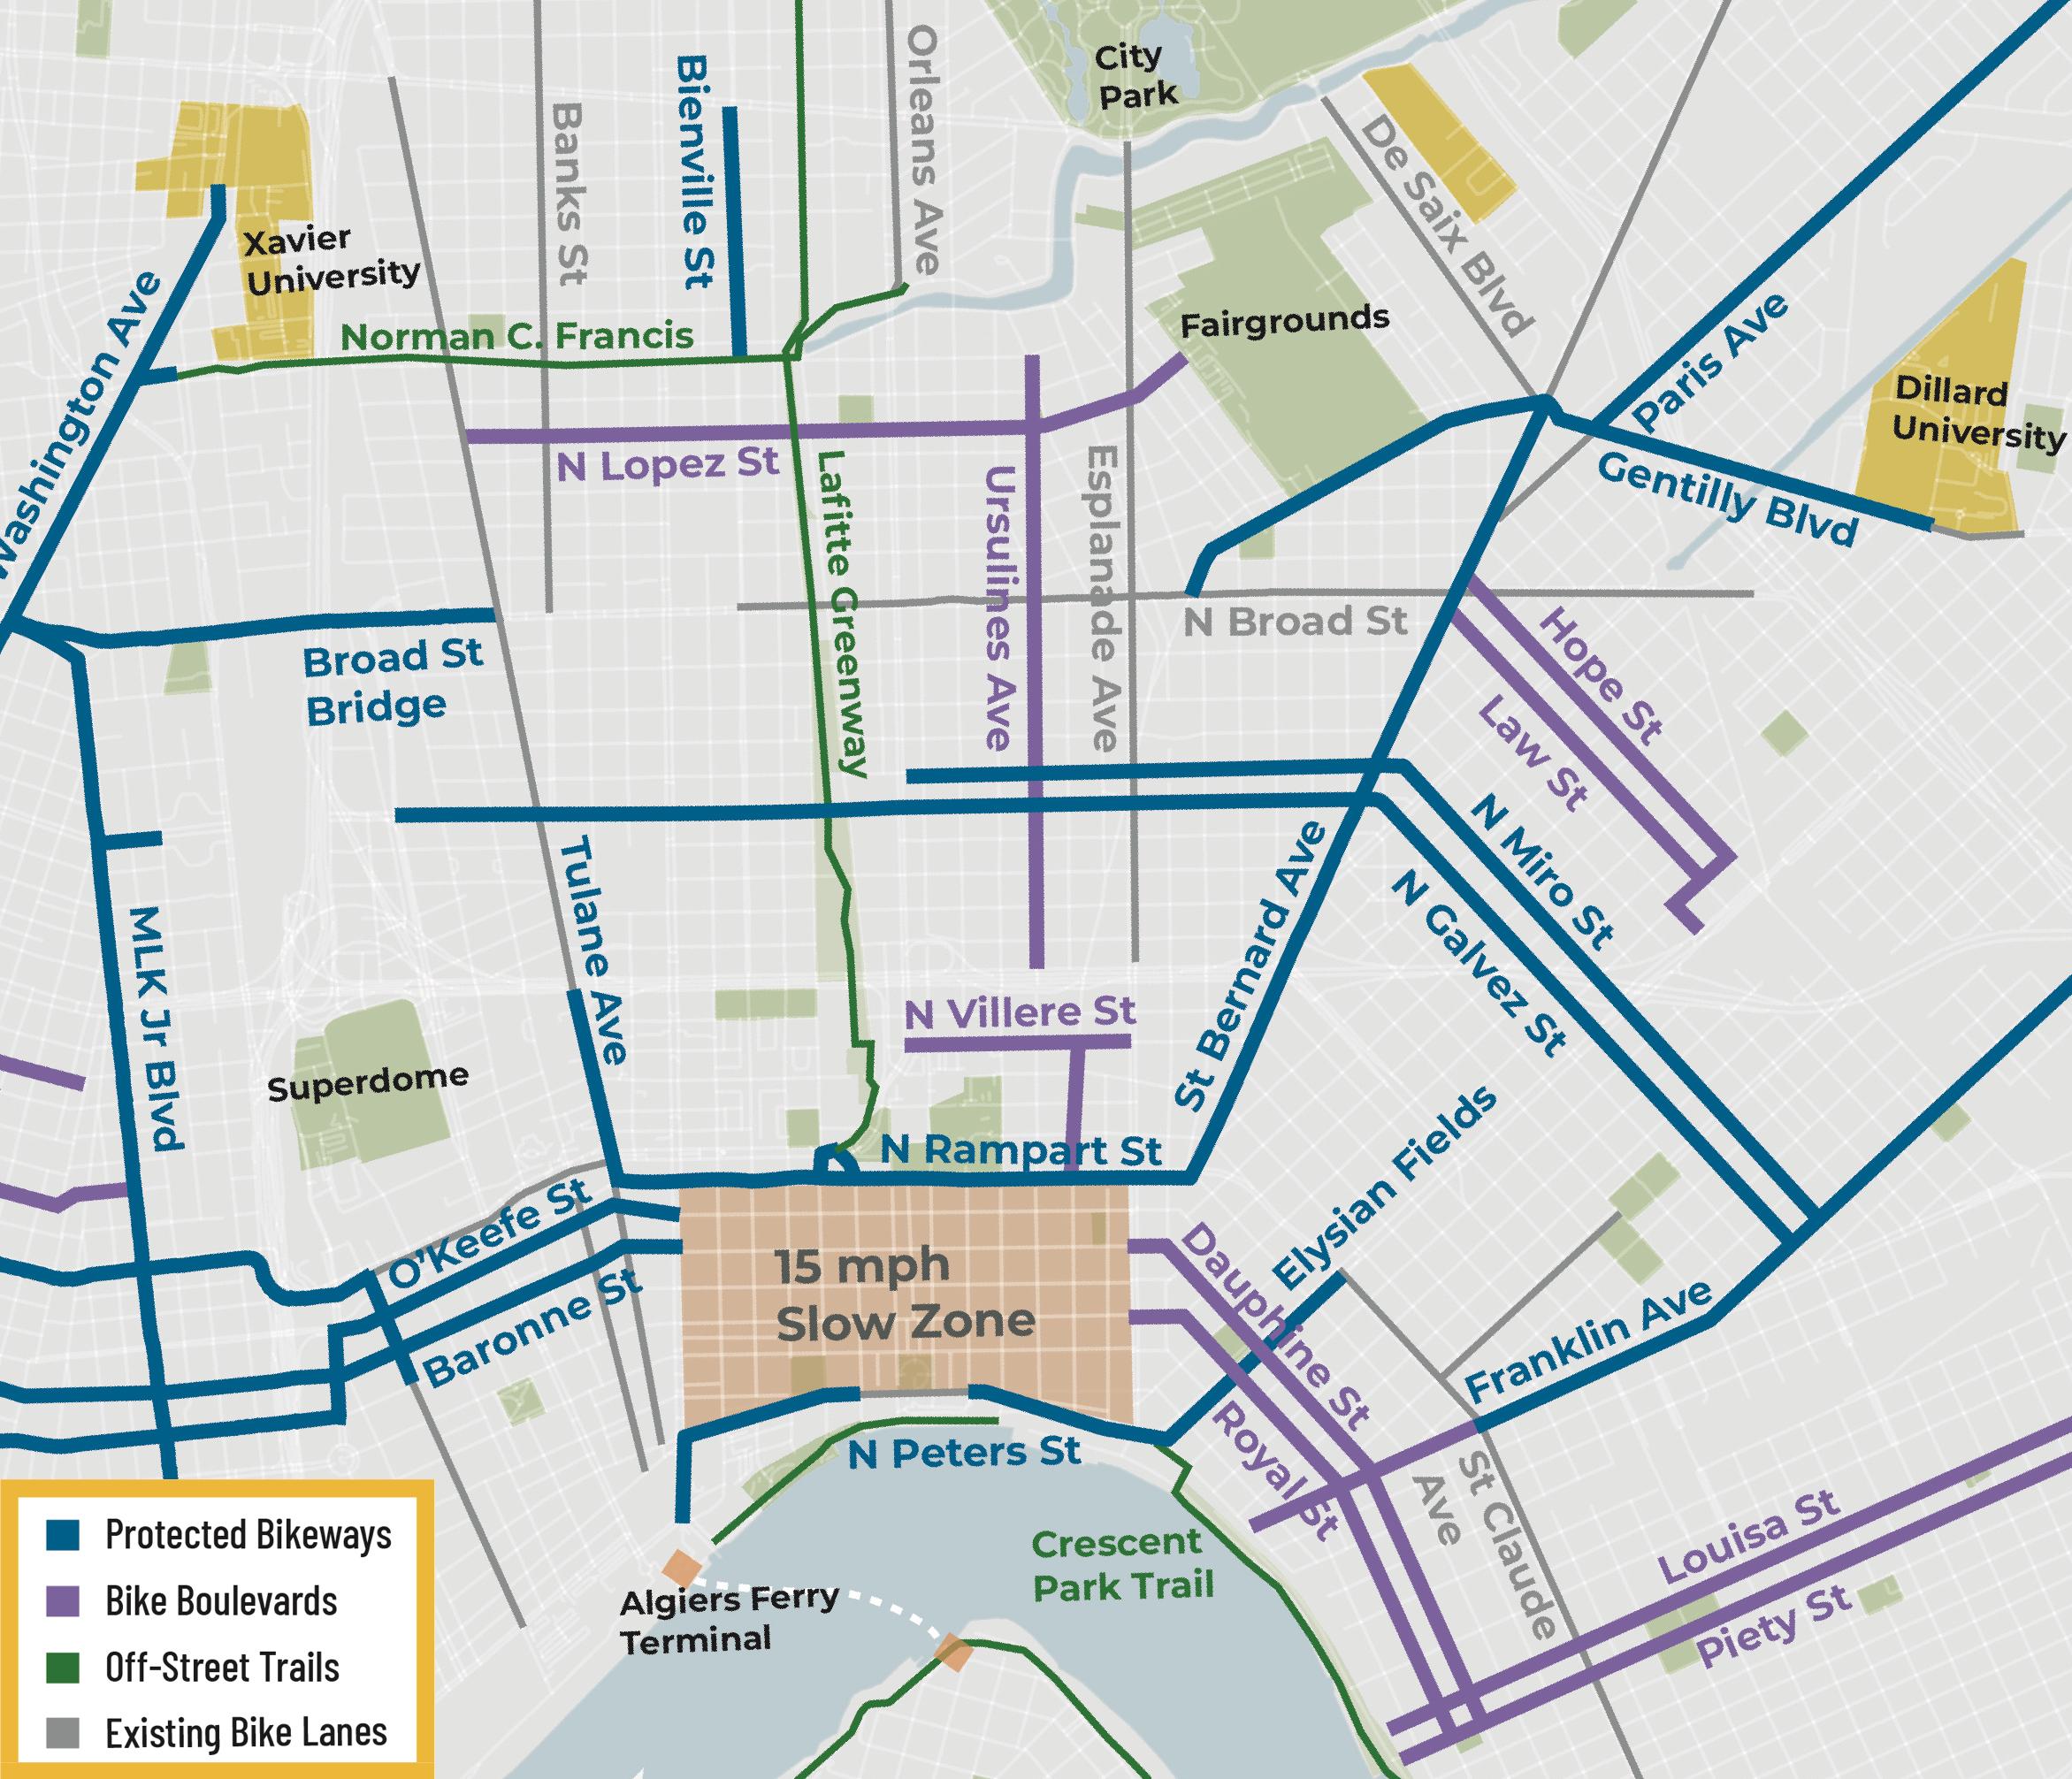 7th_ward_page_map.jpg